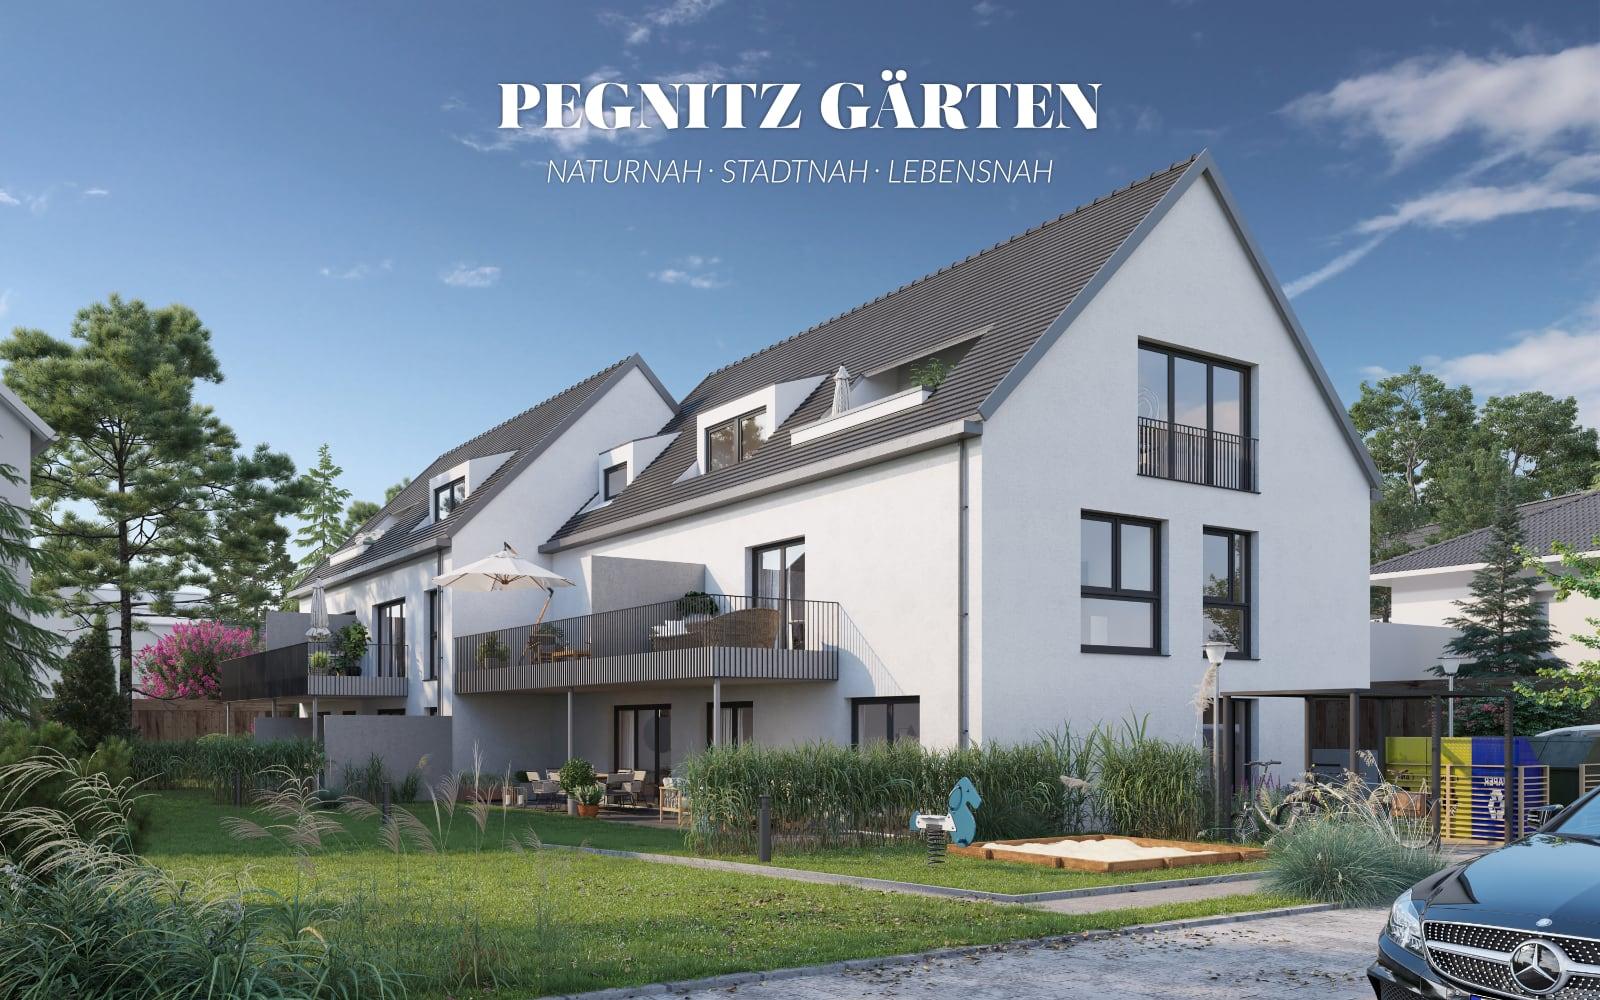 Pegnitz Gärten in Fürth